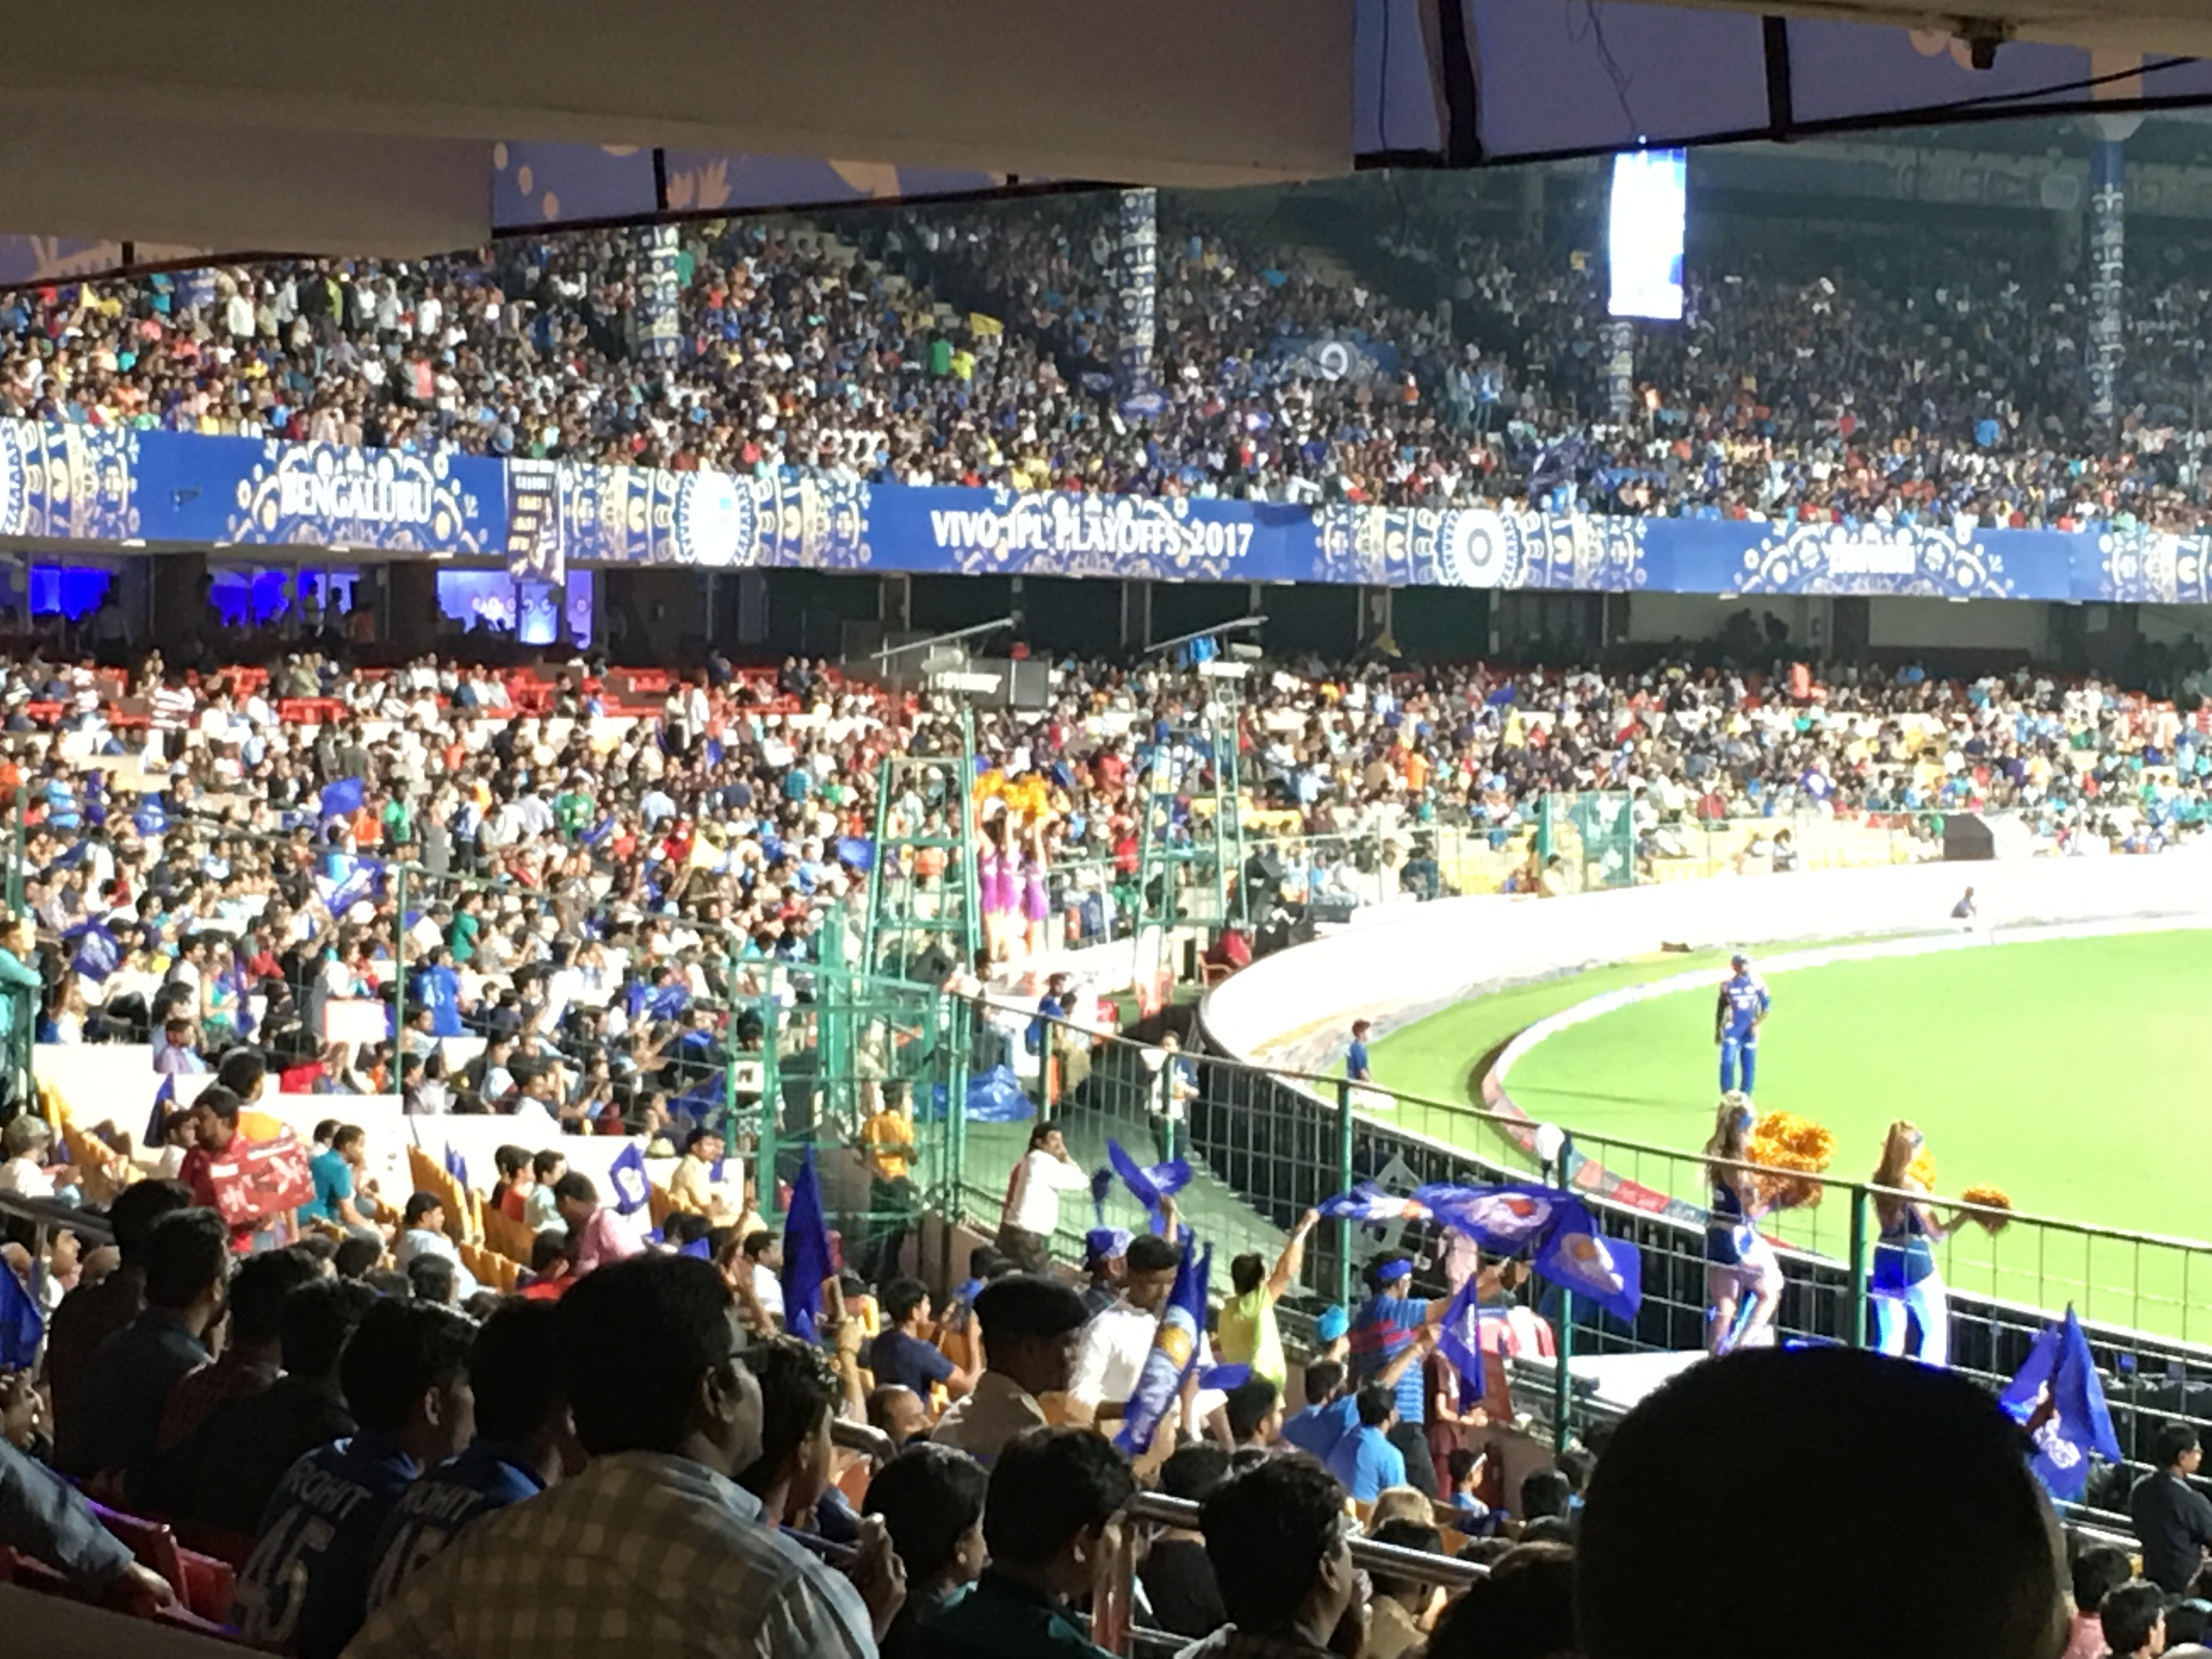 IPL 2017: Karn Sharma's swirl bowling sinks Kolkata Knight Riders